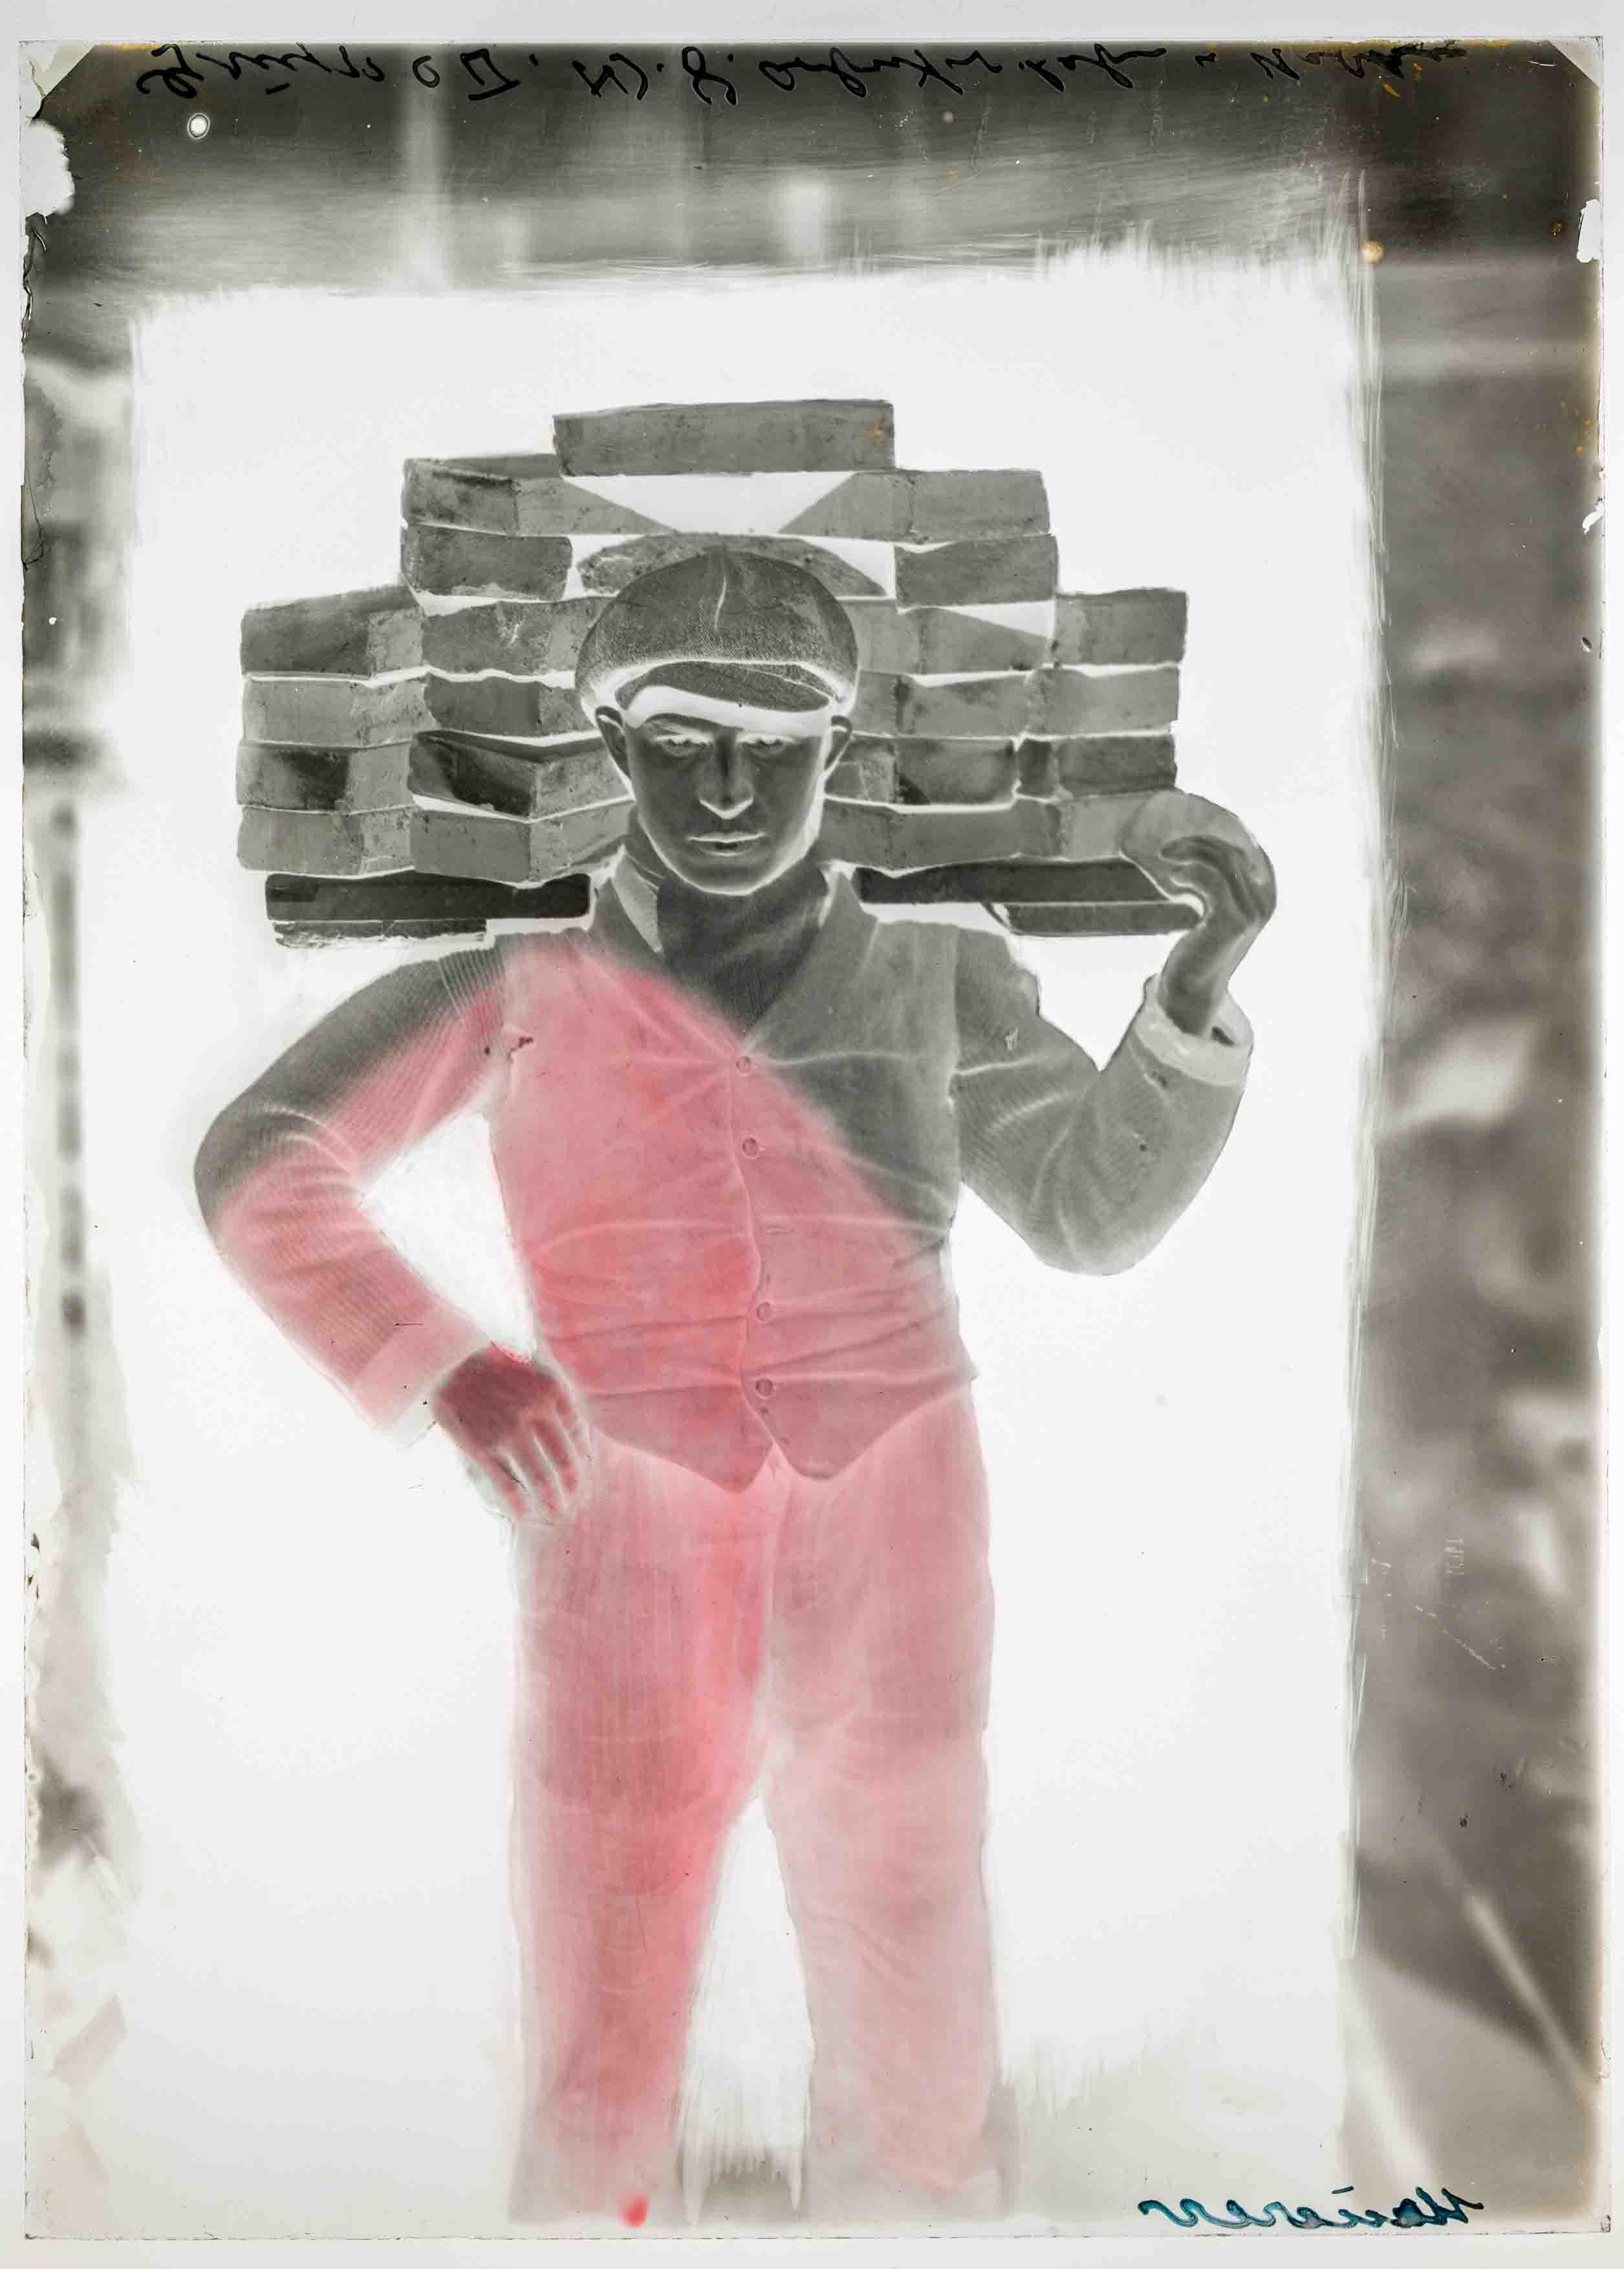 August Sander: Handlanger, 1928, originales Glasnegativ (Foto: Die Photographische Sammlung/SK Stiftung Kultur – August Sander Archiv, Köln; VG Bild-Kunst, Bonn, 2021)